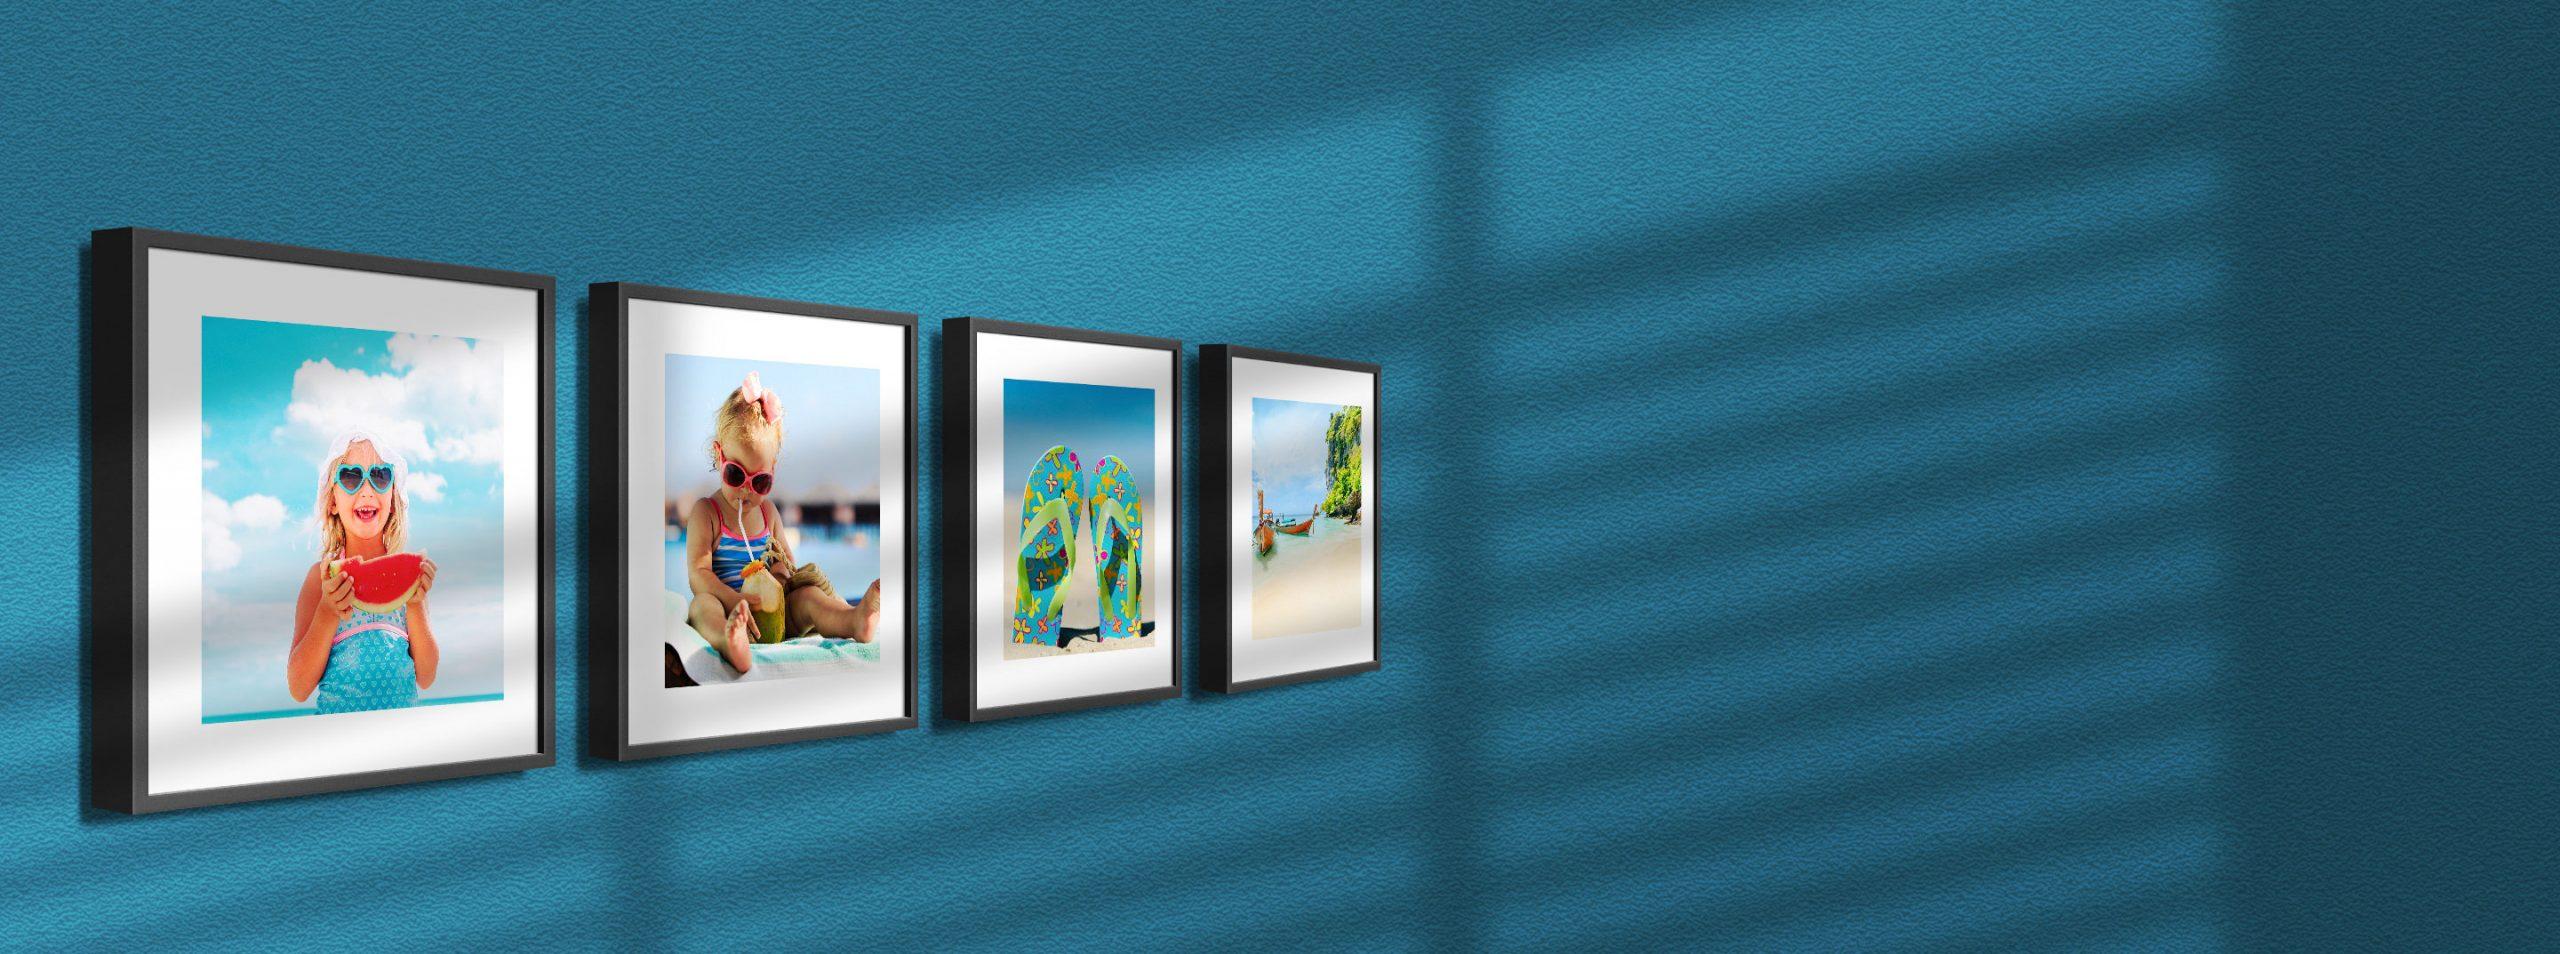 לופה בריבוע תמונות לקיר